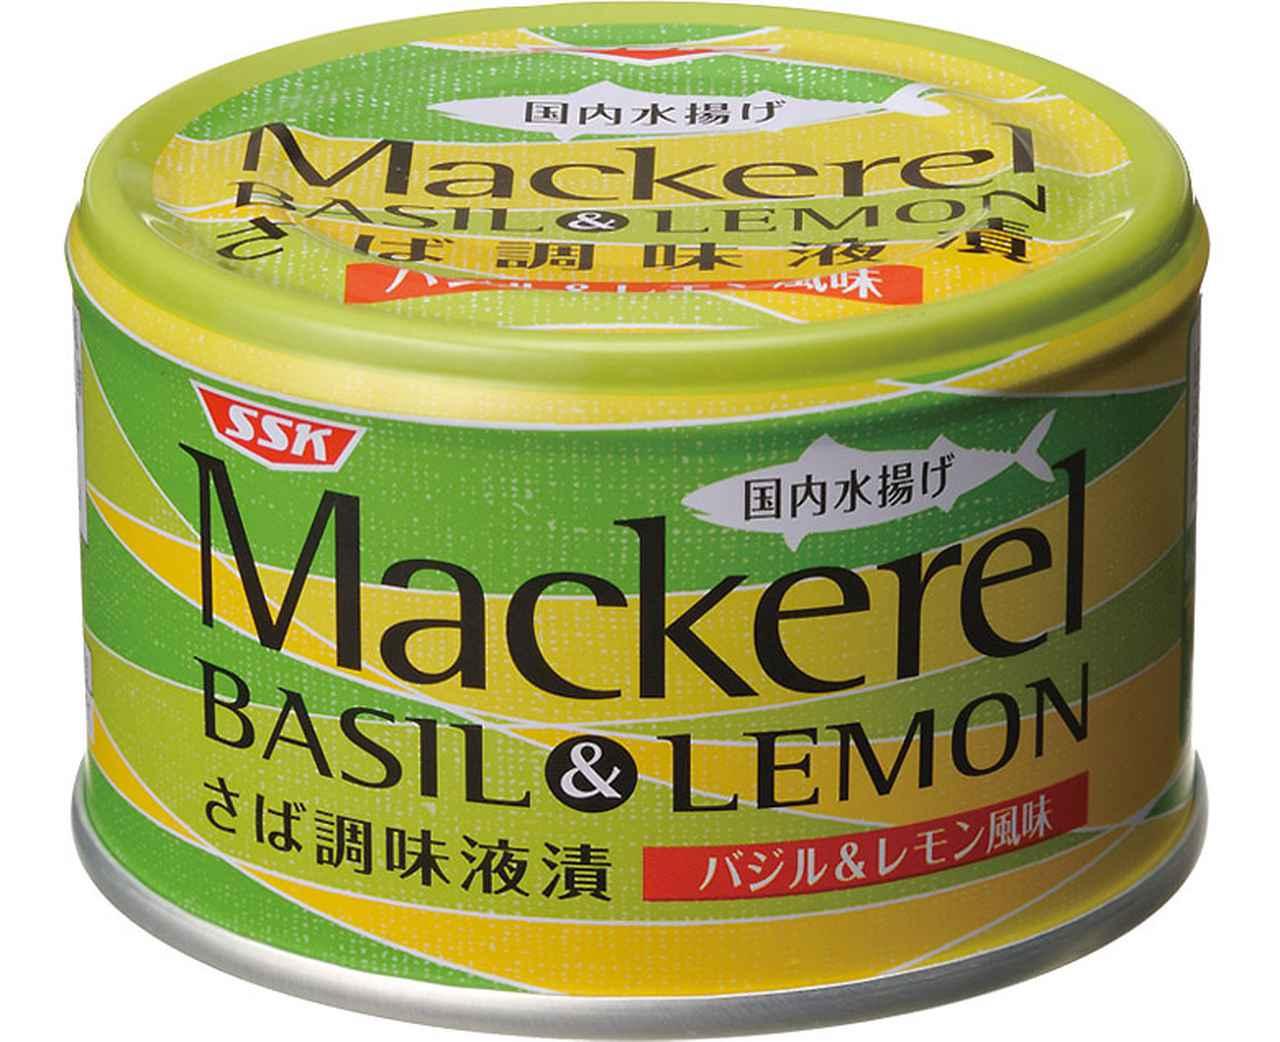 画像: バジルとレモンを想像させる色ではある。しかし、実際に開けたときの衝撃は想像を軽く超える。